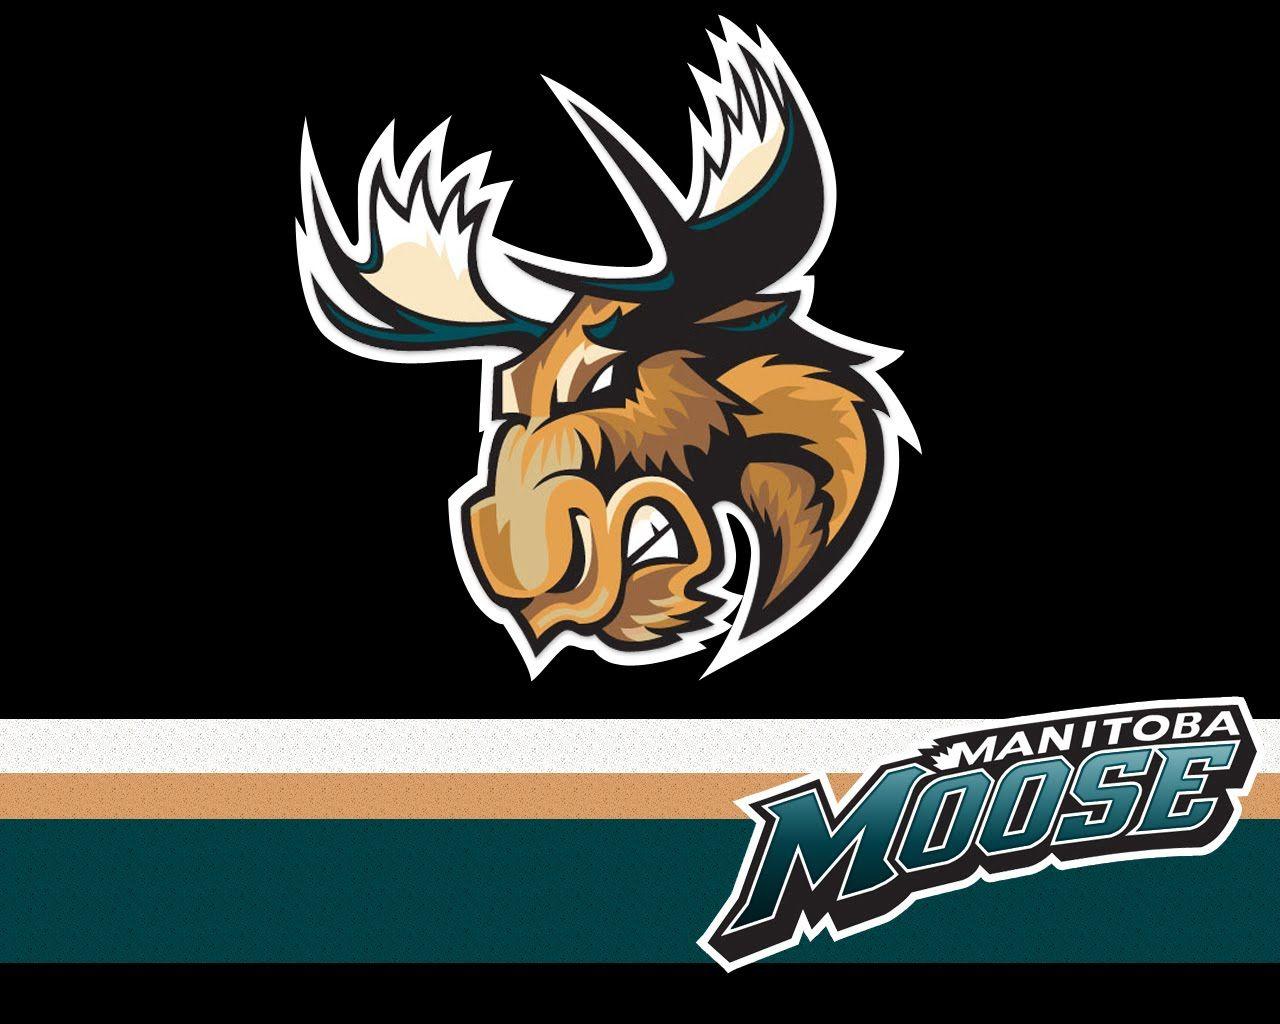 manitoba moose Manitoba Moose Game Today Moose logo